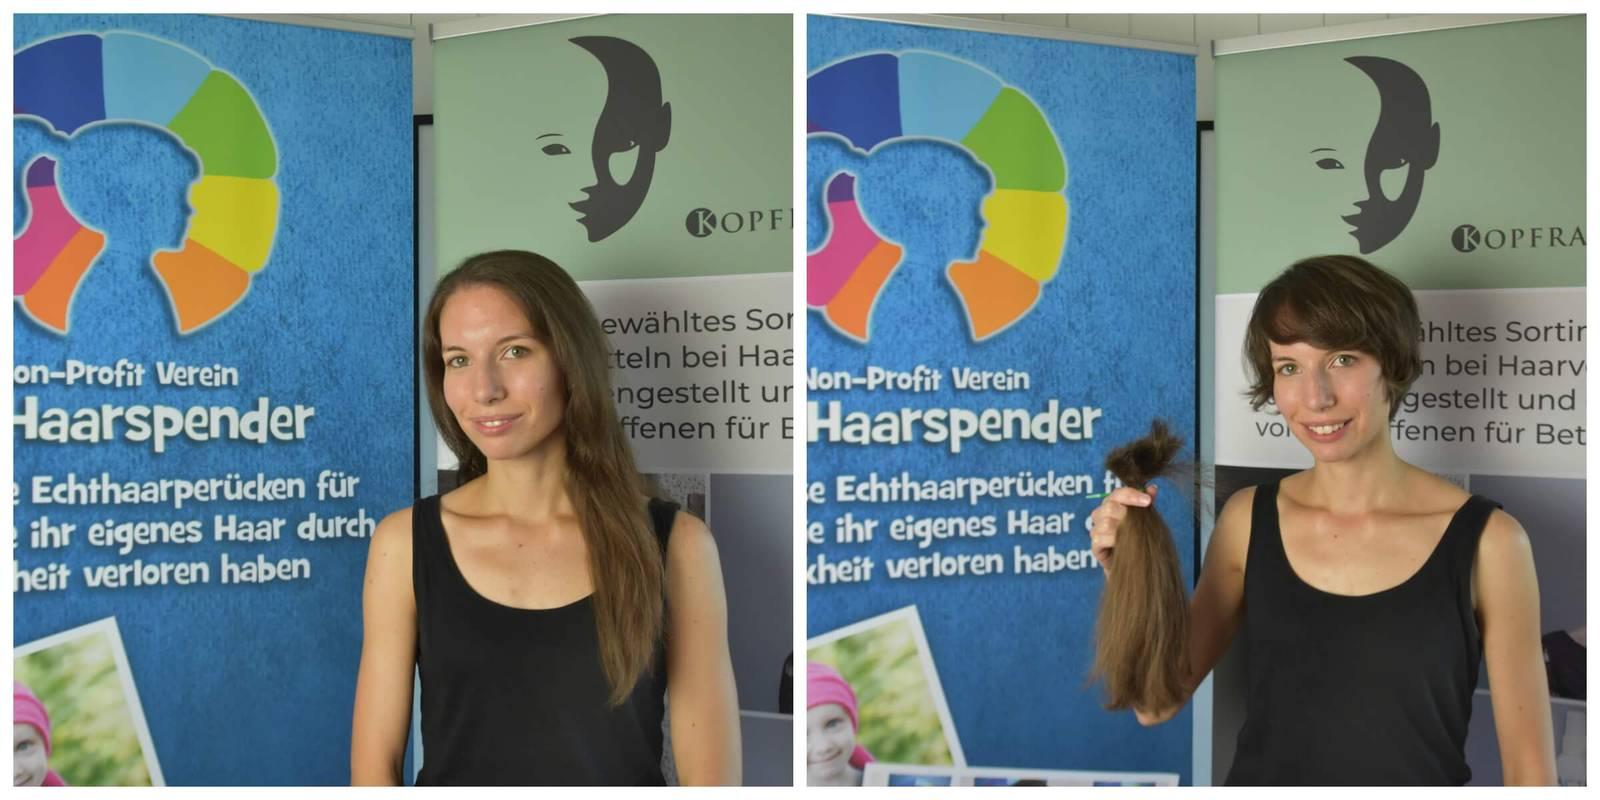 Die Frauen freuen sich sichtlich darüber, dass sie mit ihrer Haarpracht anderen eine Freude machen können. (© FM1Today)